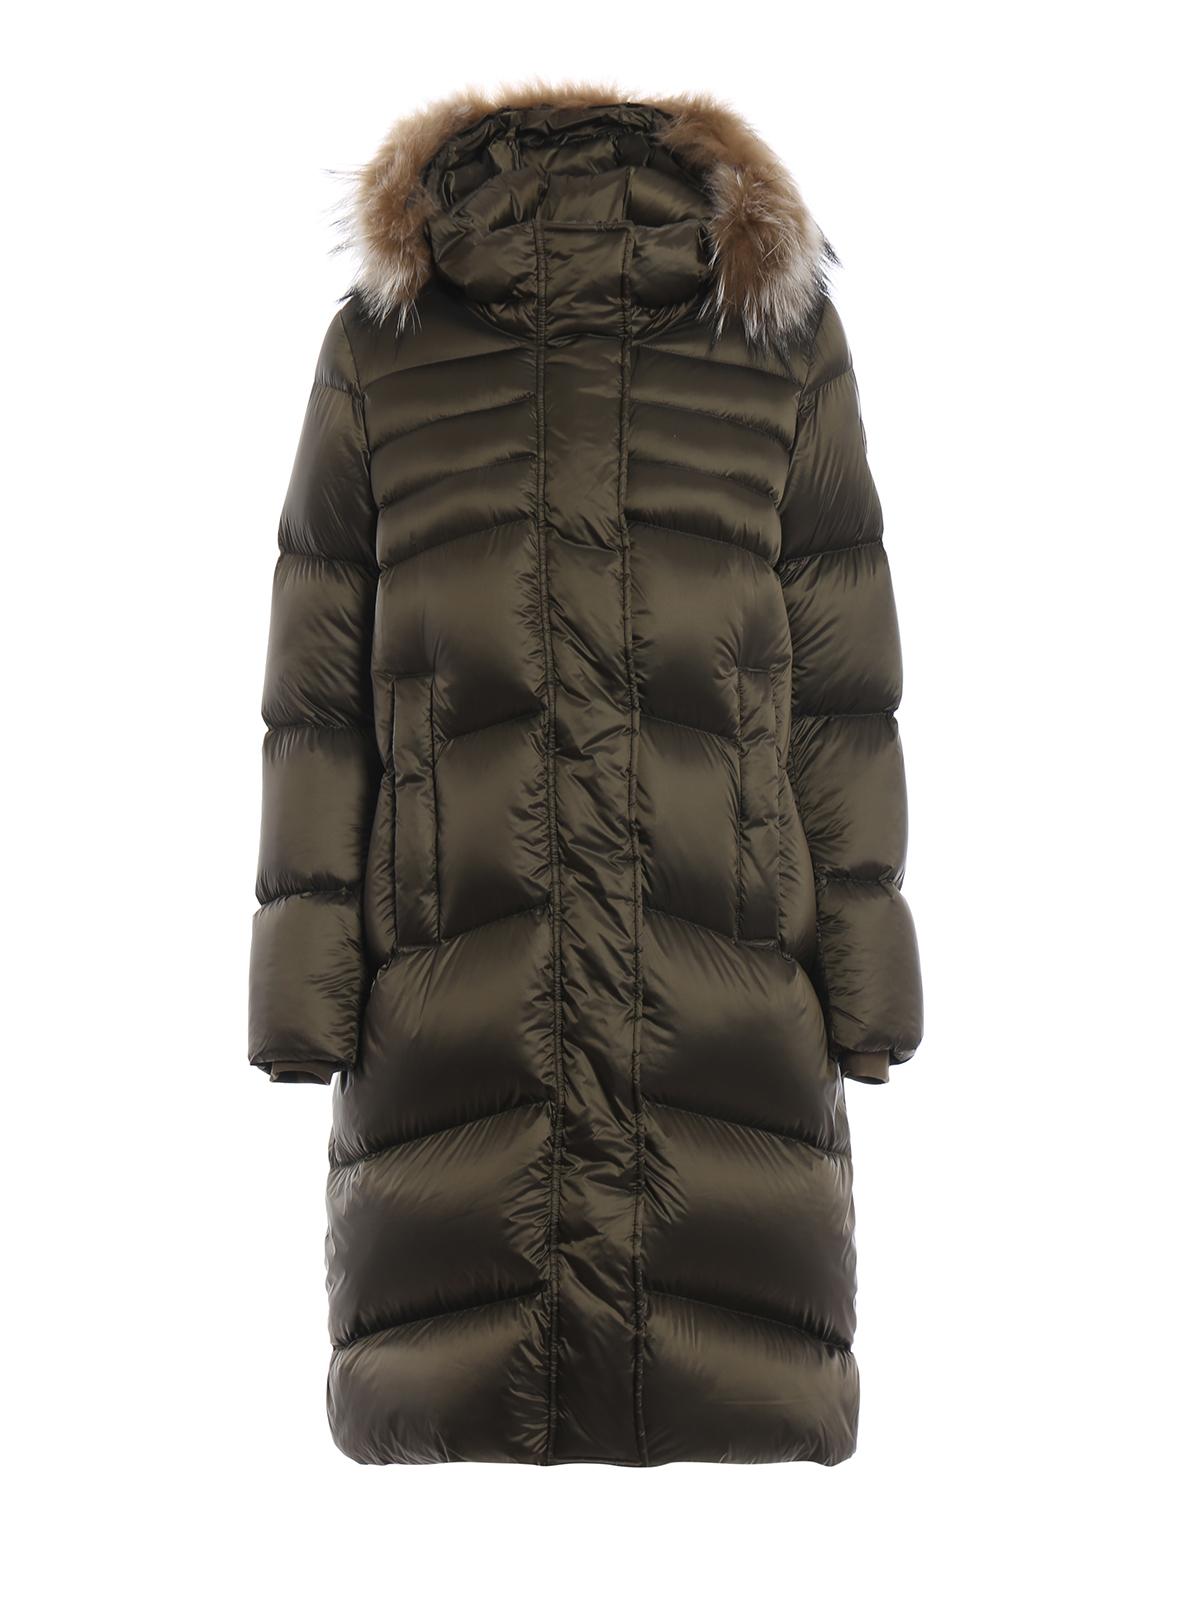 Colmar Originals  cappotti imbottiti - Piumino lungo verde con cappuccio 37dc0c0db363